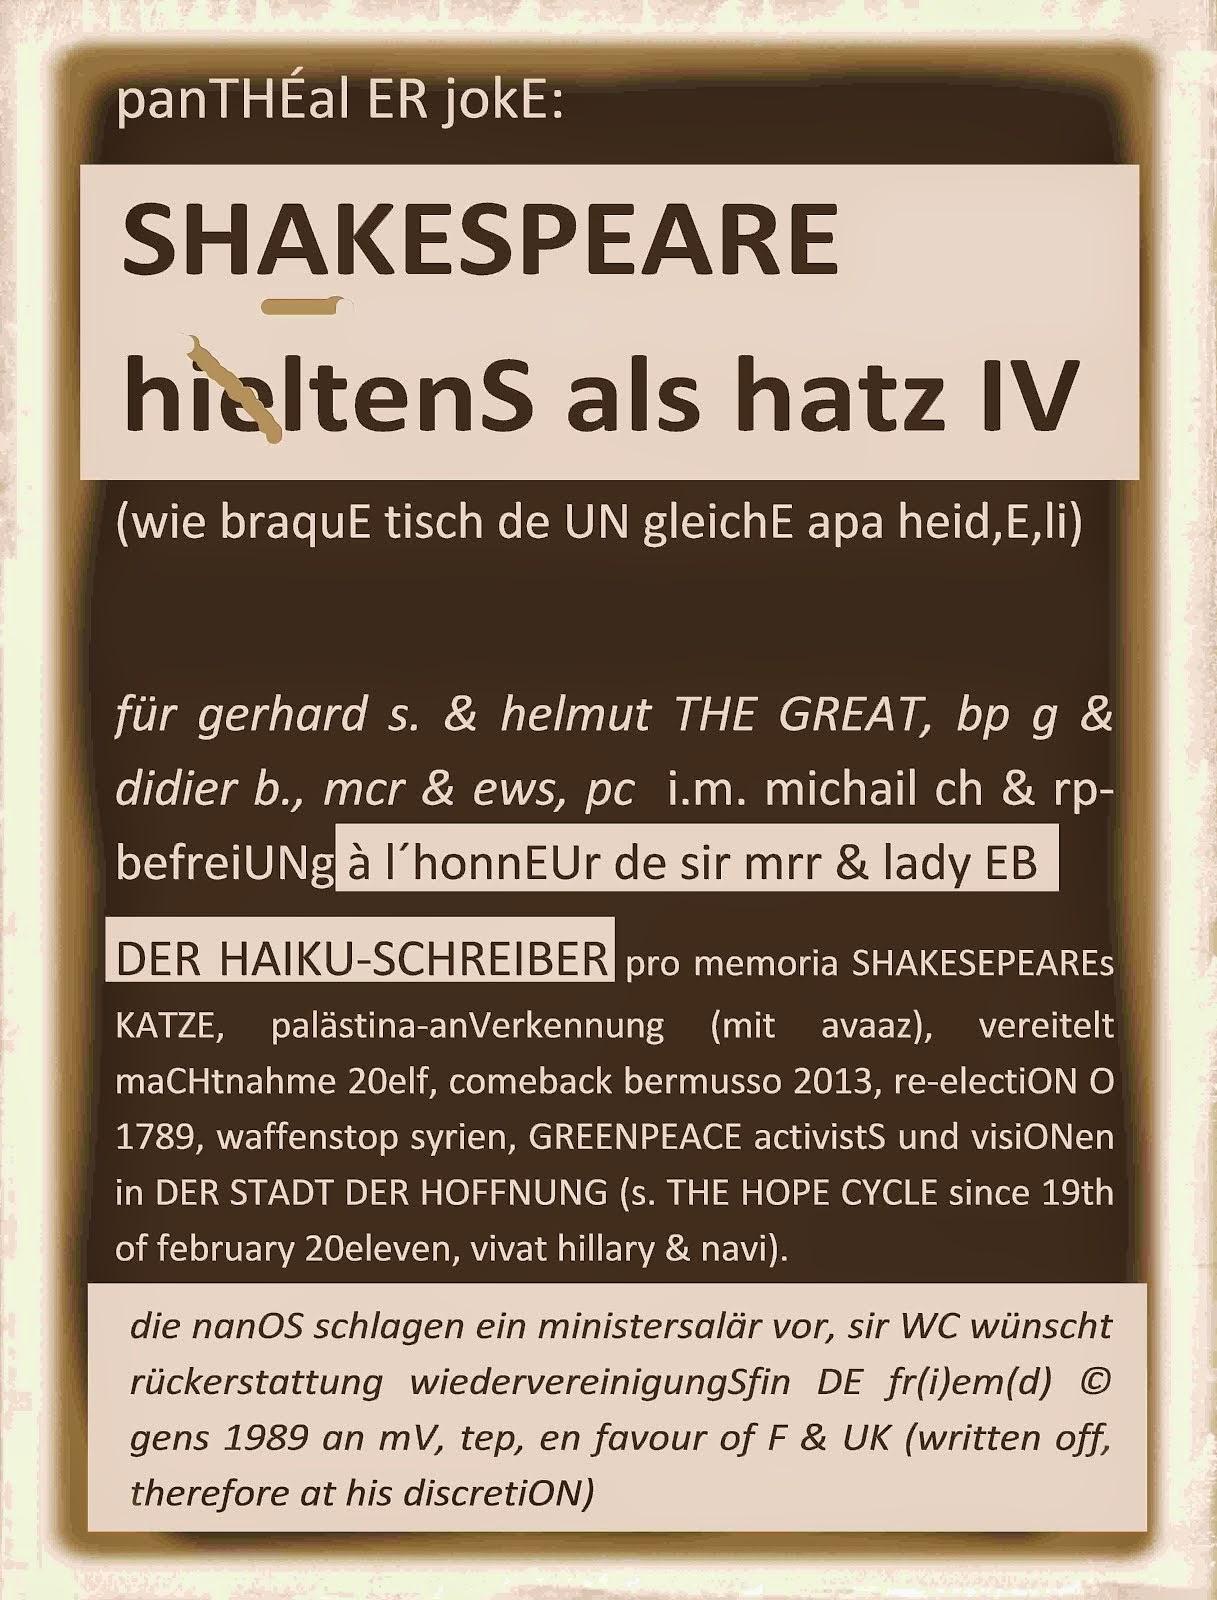 hatz IV de UNgerecht, in schweiz wie deutschland illegal hereibgeführt - kulturförderUNg? protest